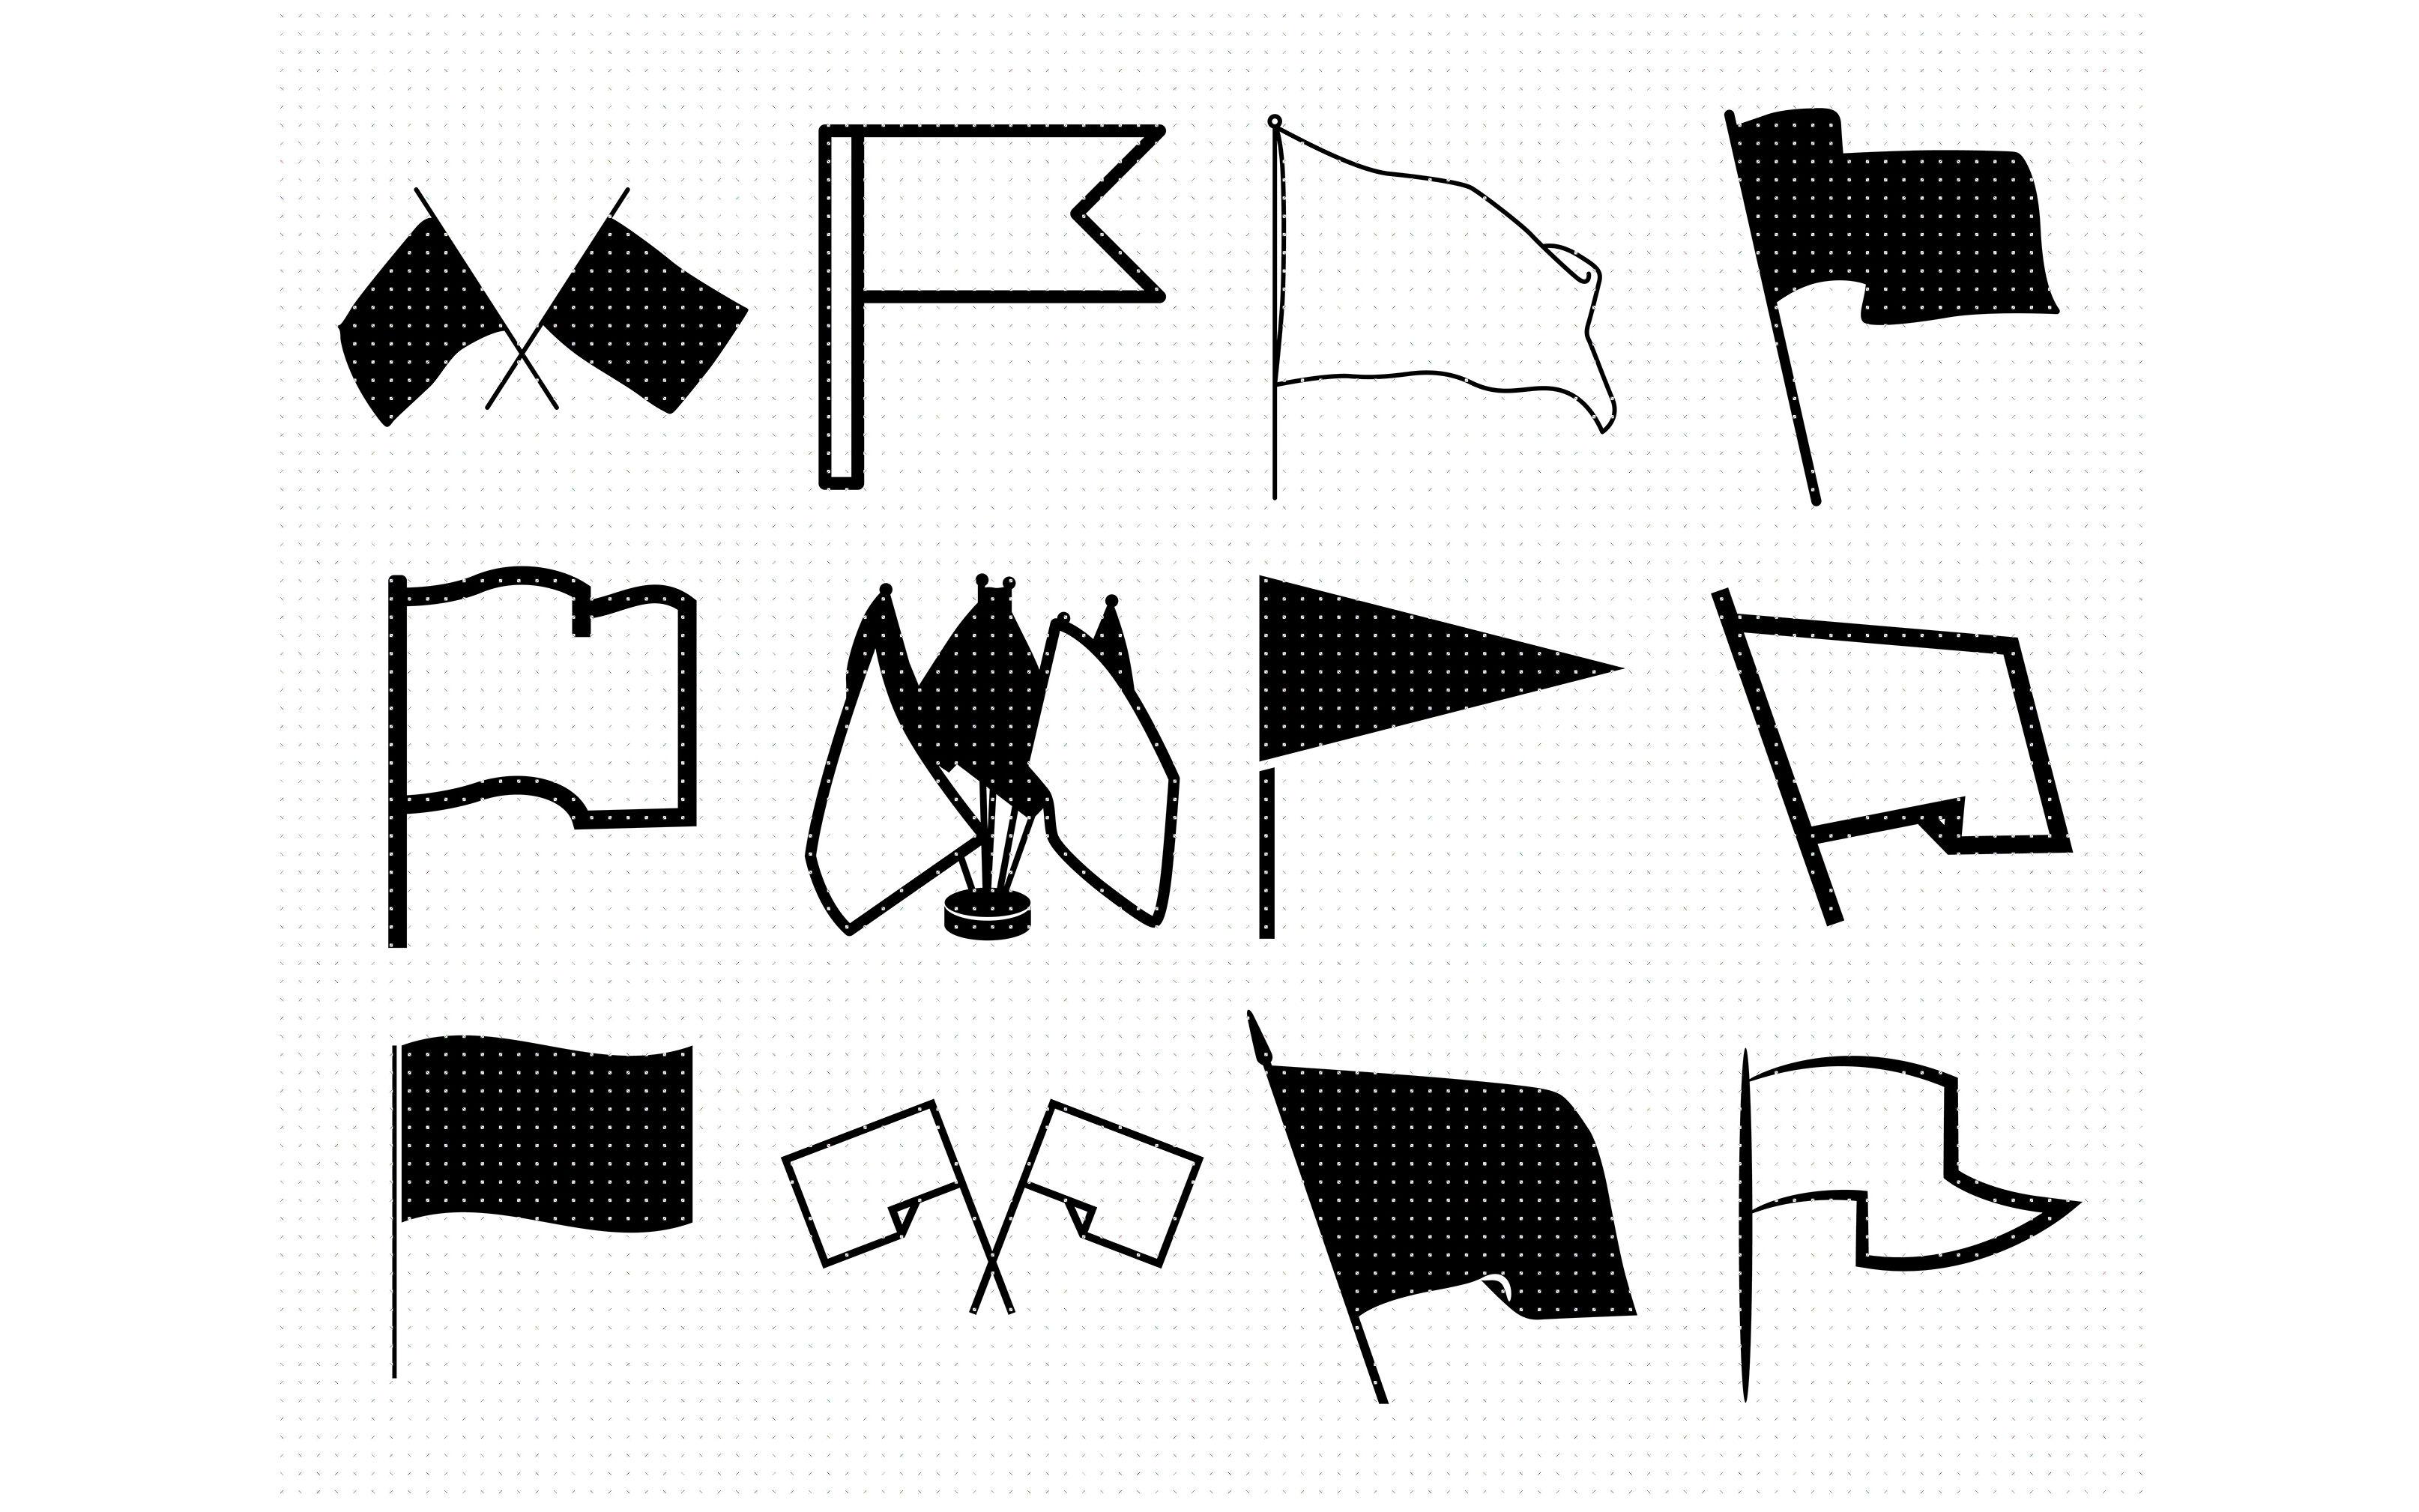 Blank Flag Outline Svg Dxf Vector Eps Clipart Cricut